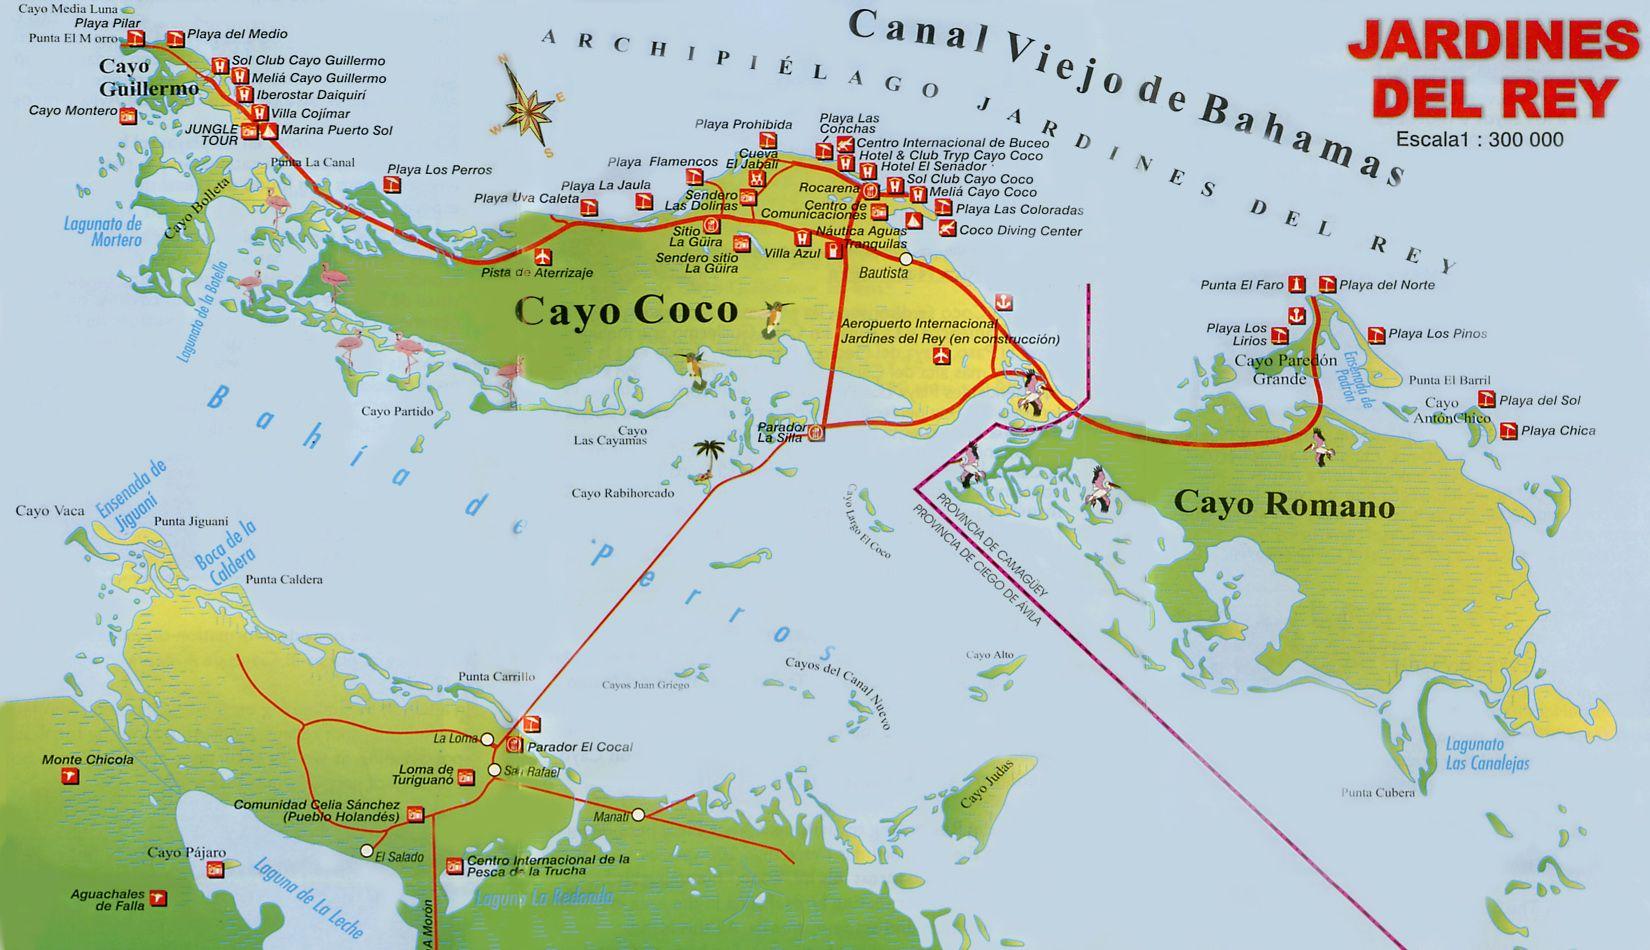 Cayo Largo Cuba Mapa.Mapa Jardines Del Rey Cayo Coco Cayo Coco Cuba Cuba